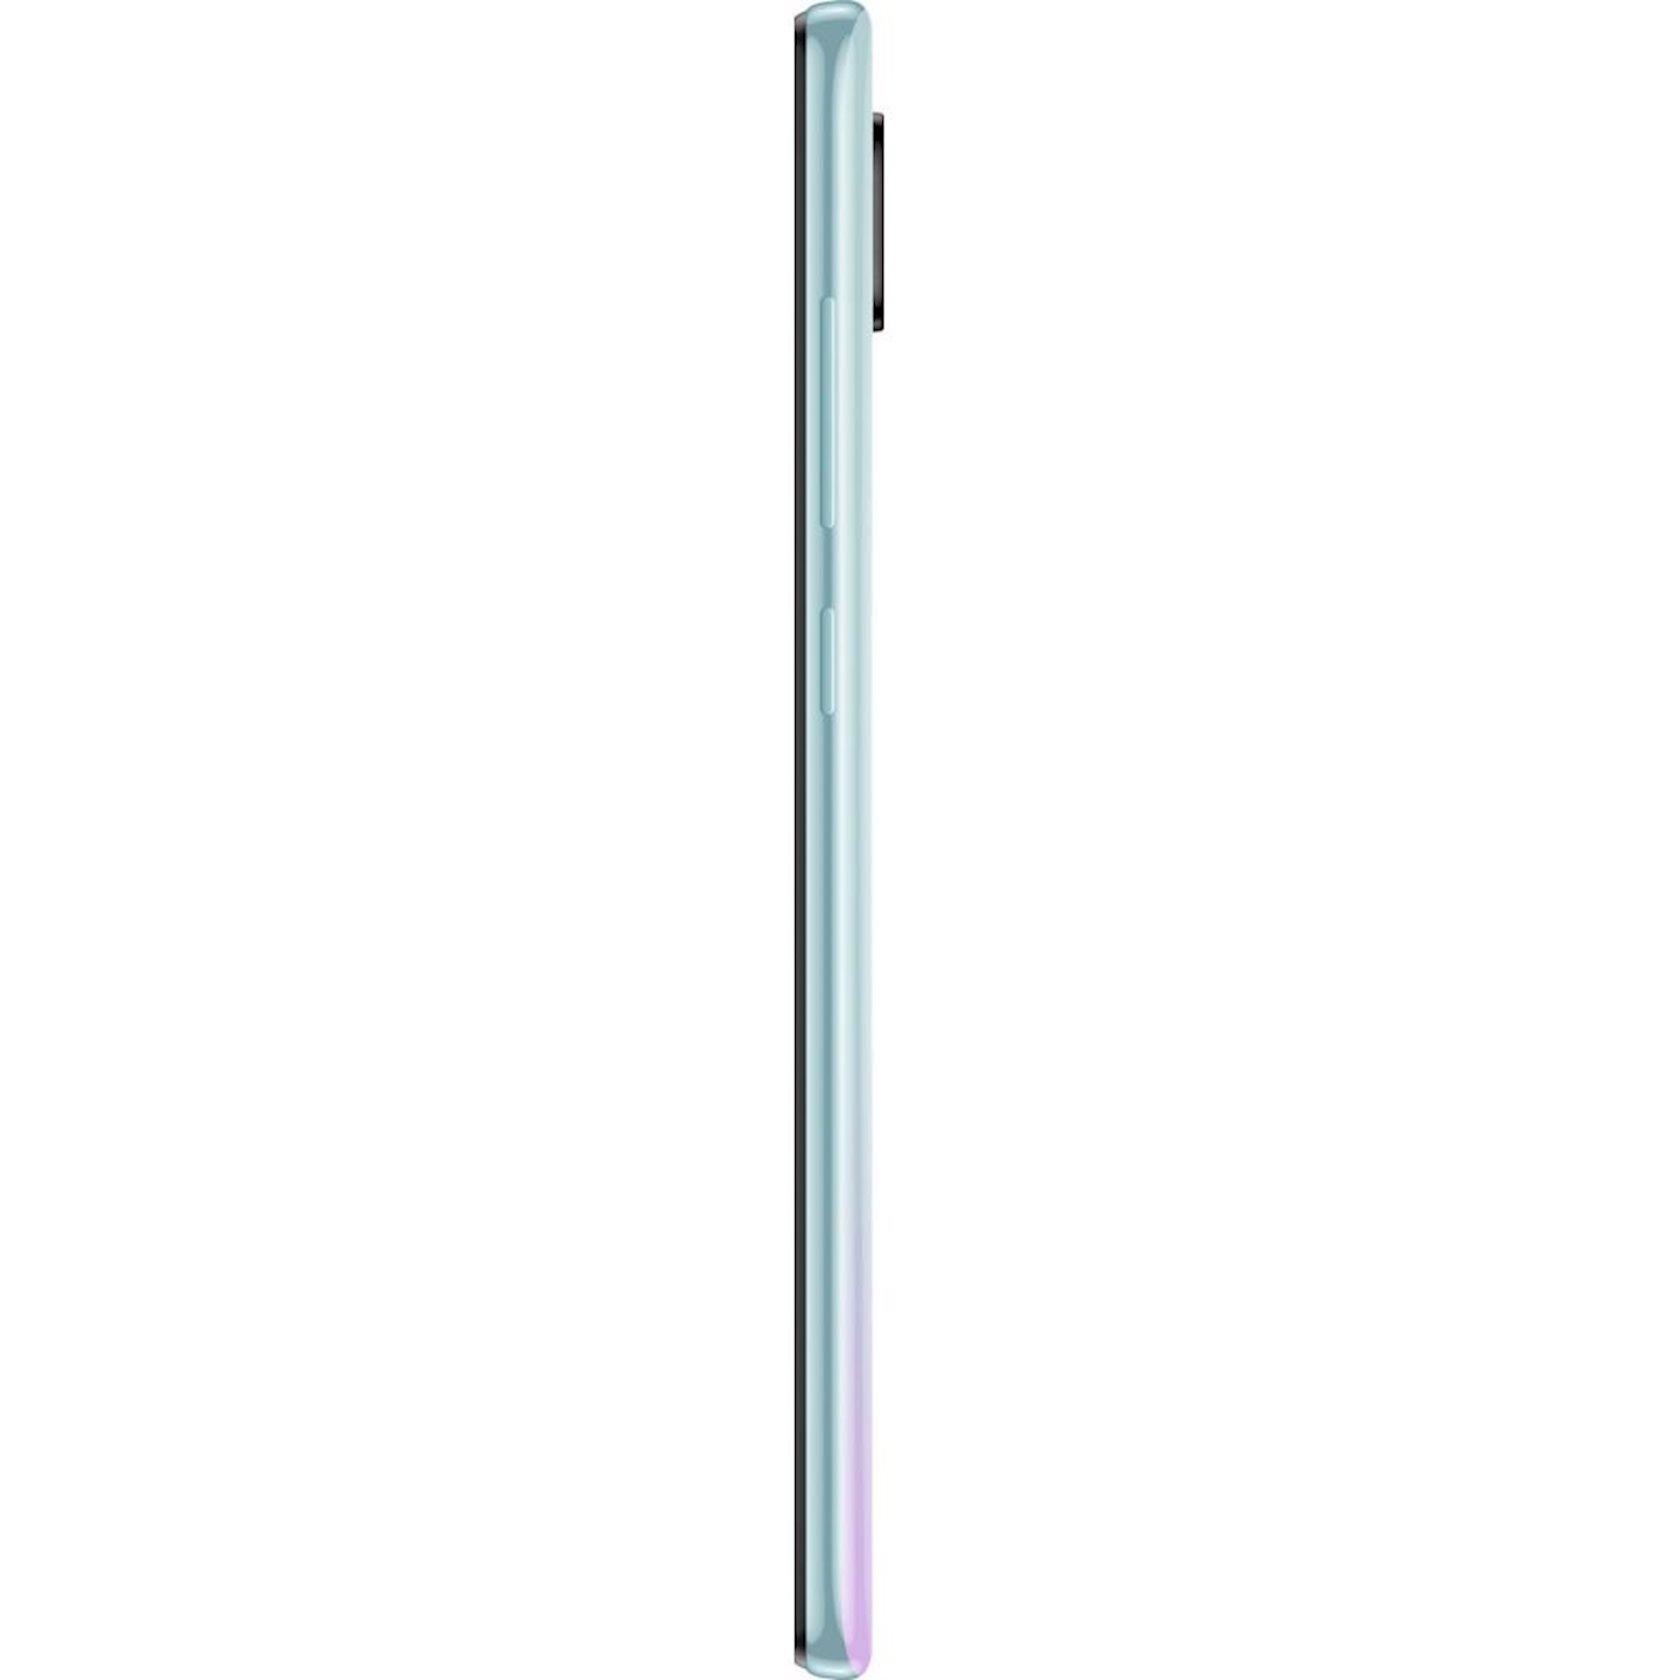 Smartfon Xiaomi Redmi Note 9 3GB/64GB Polar White